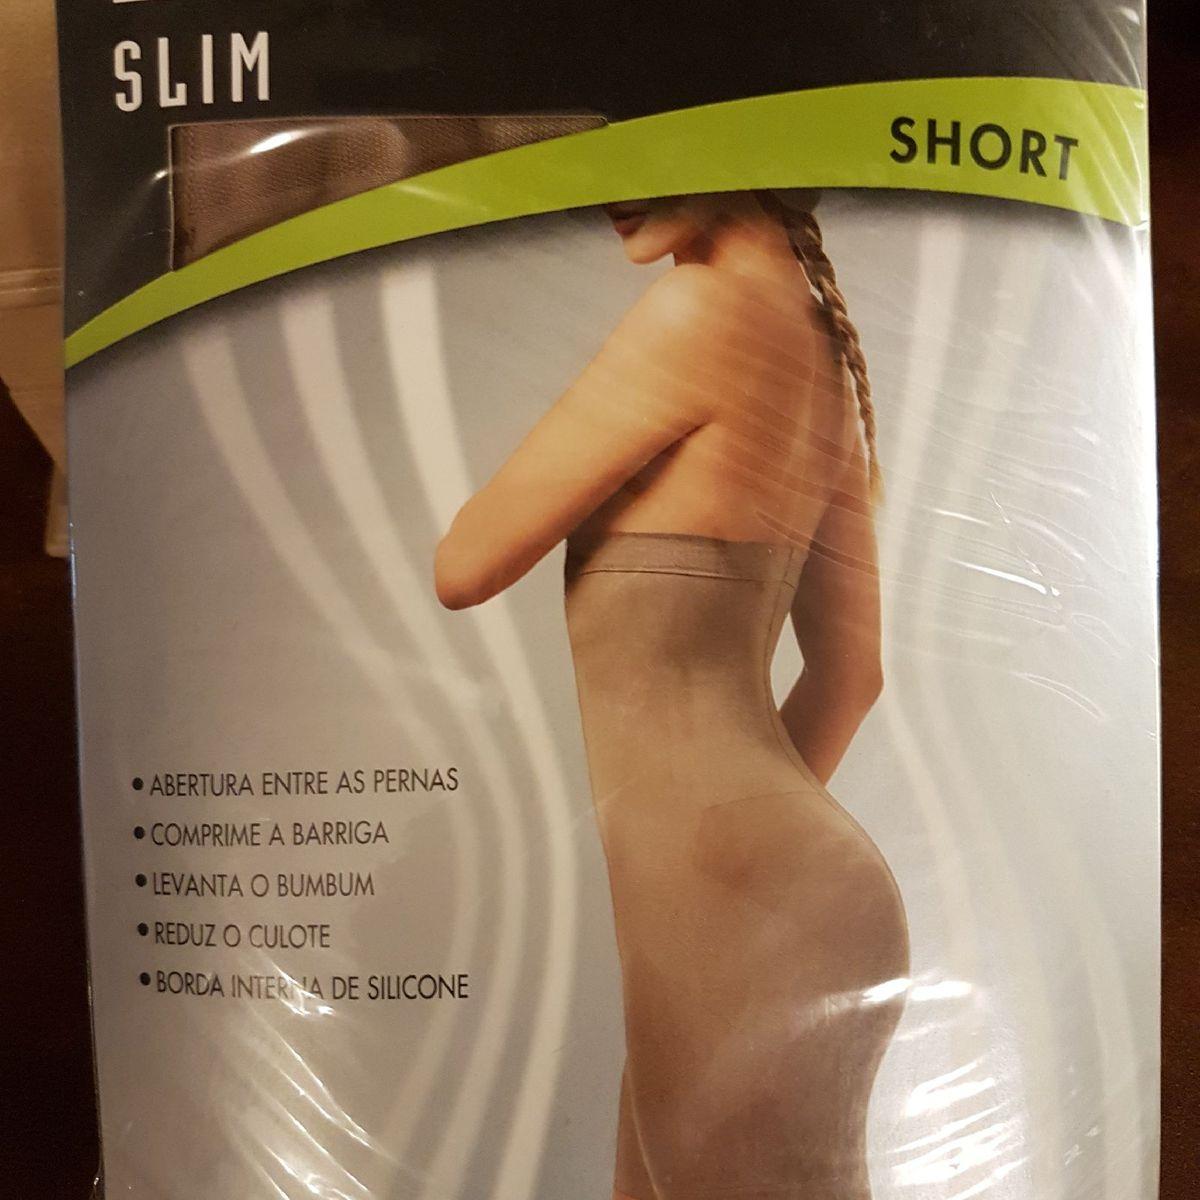 b01525a67 Cinta Short Loba Slim